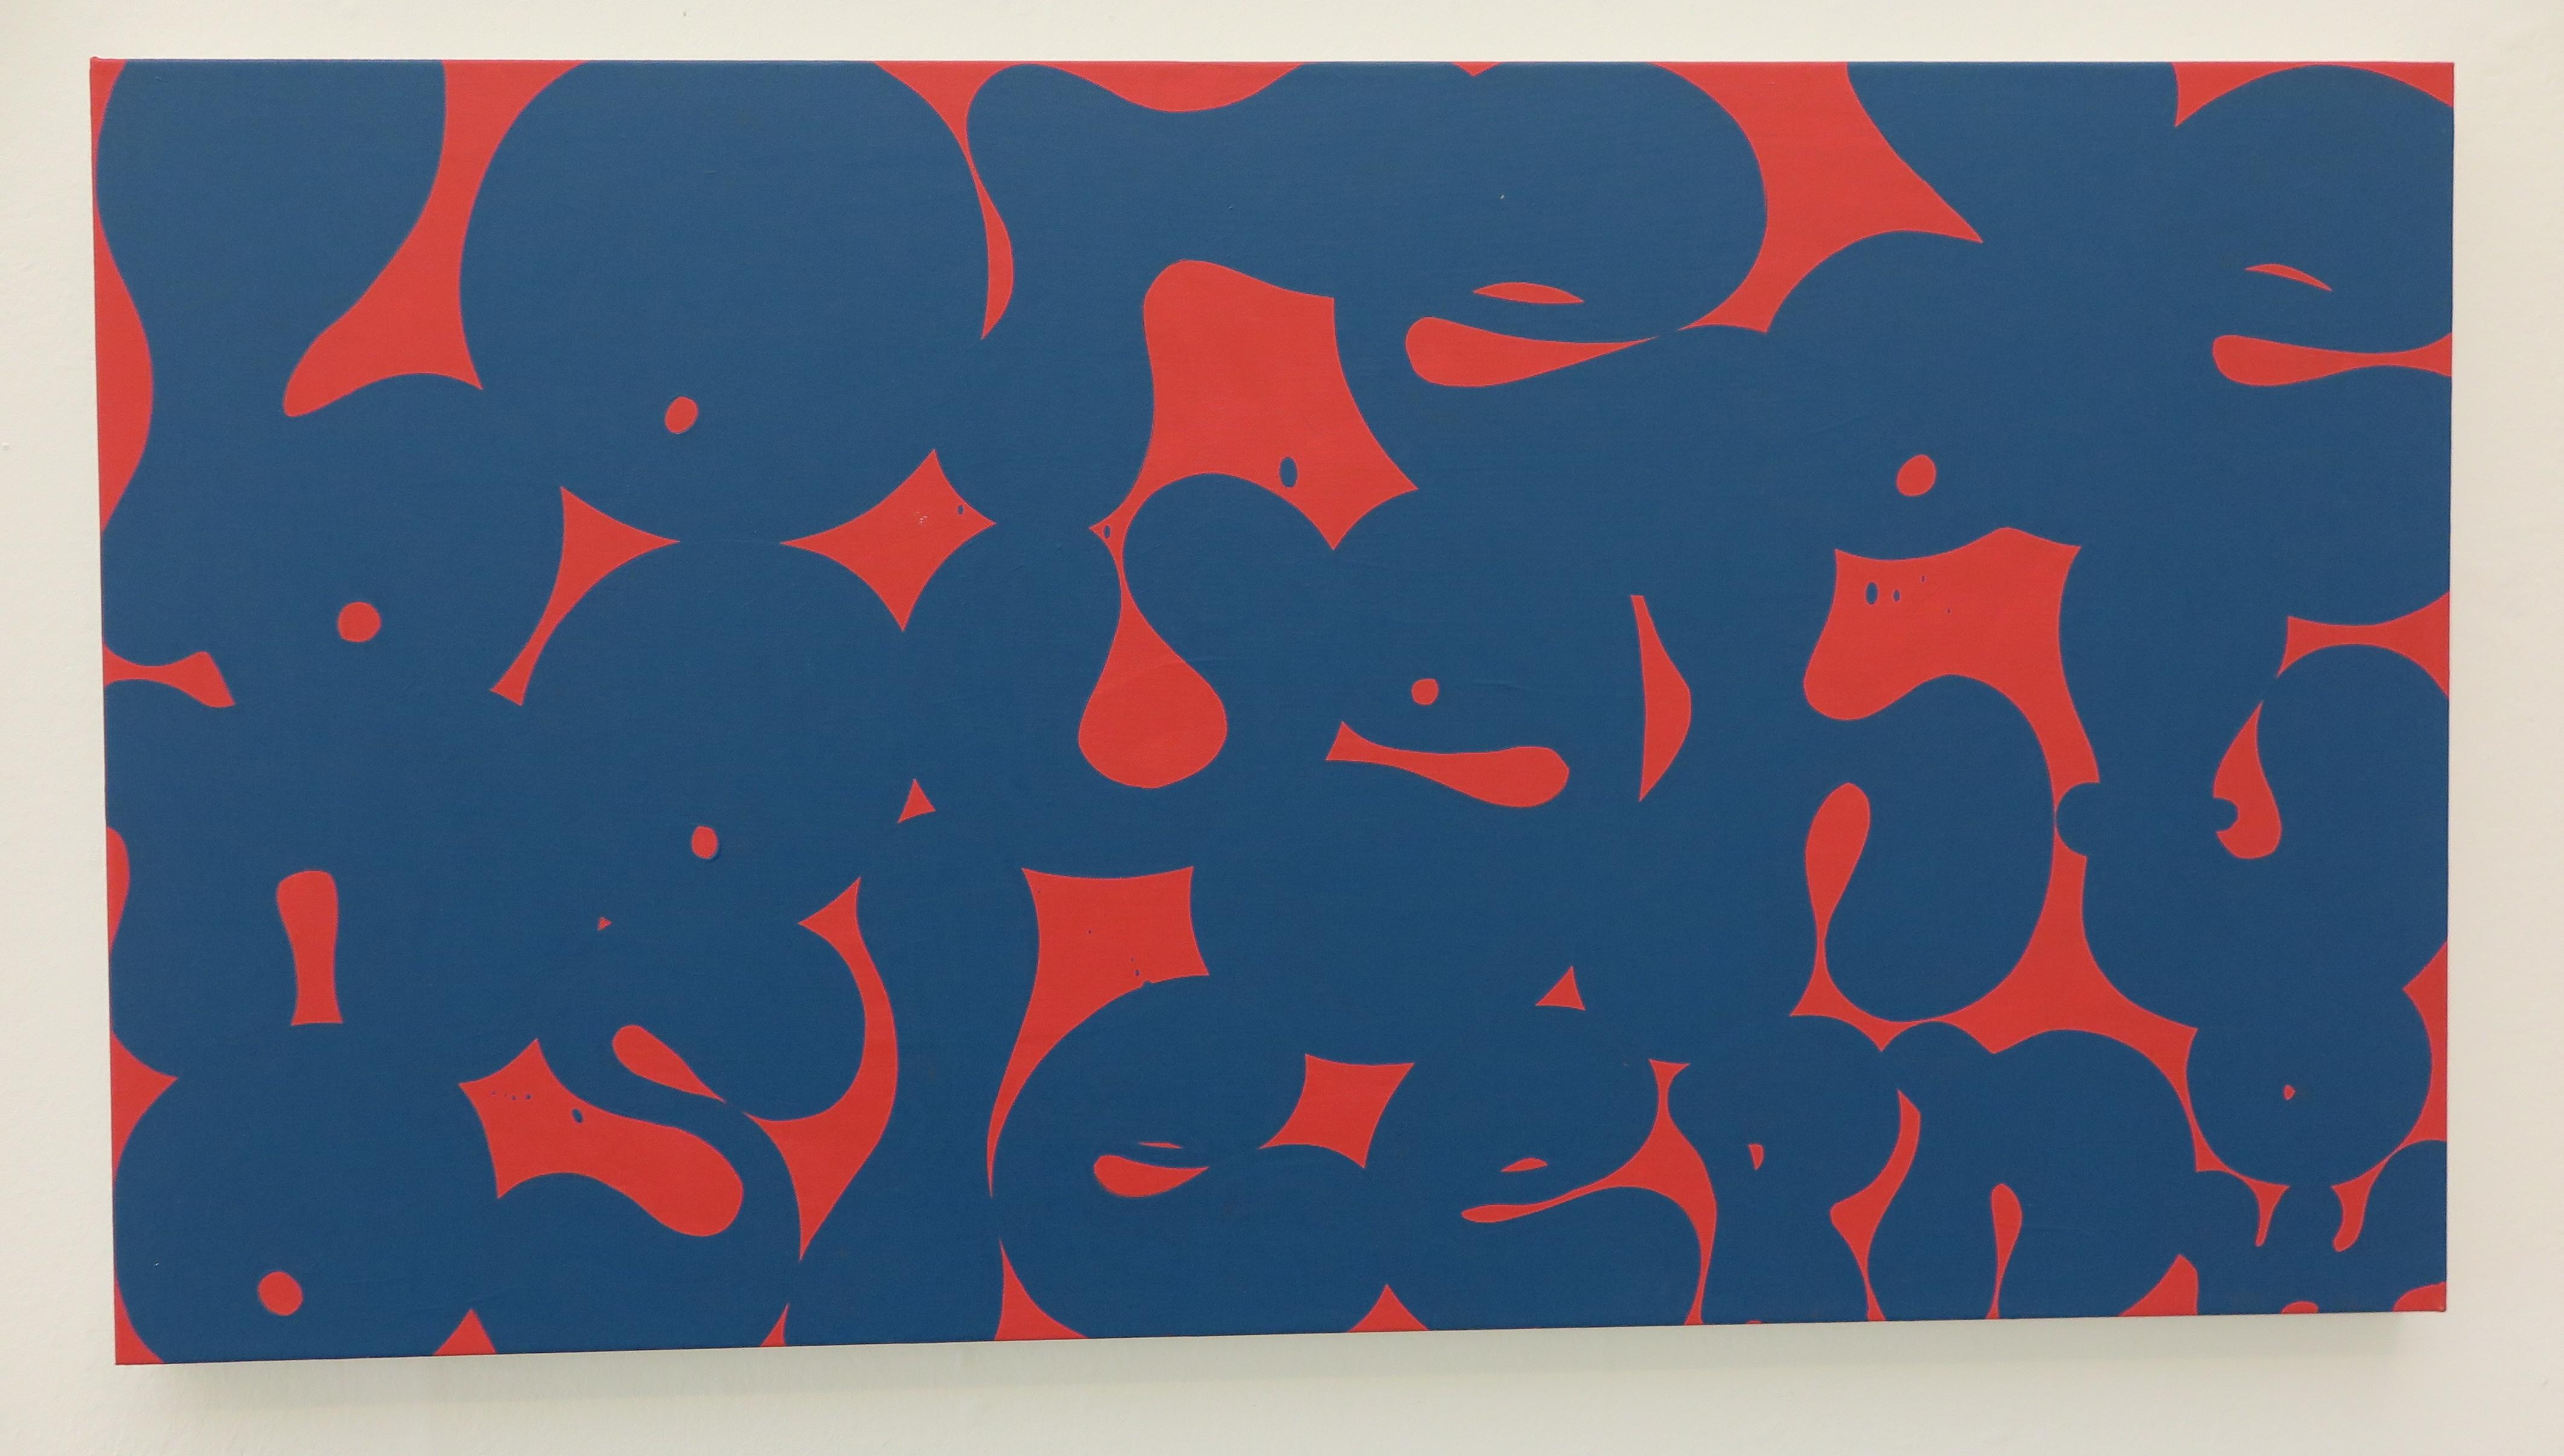 Lukas Gothman - Untitled